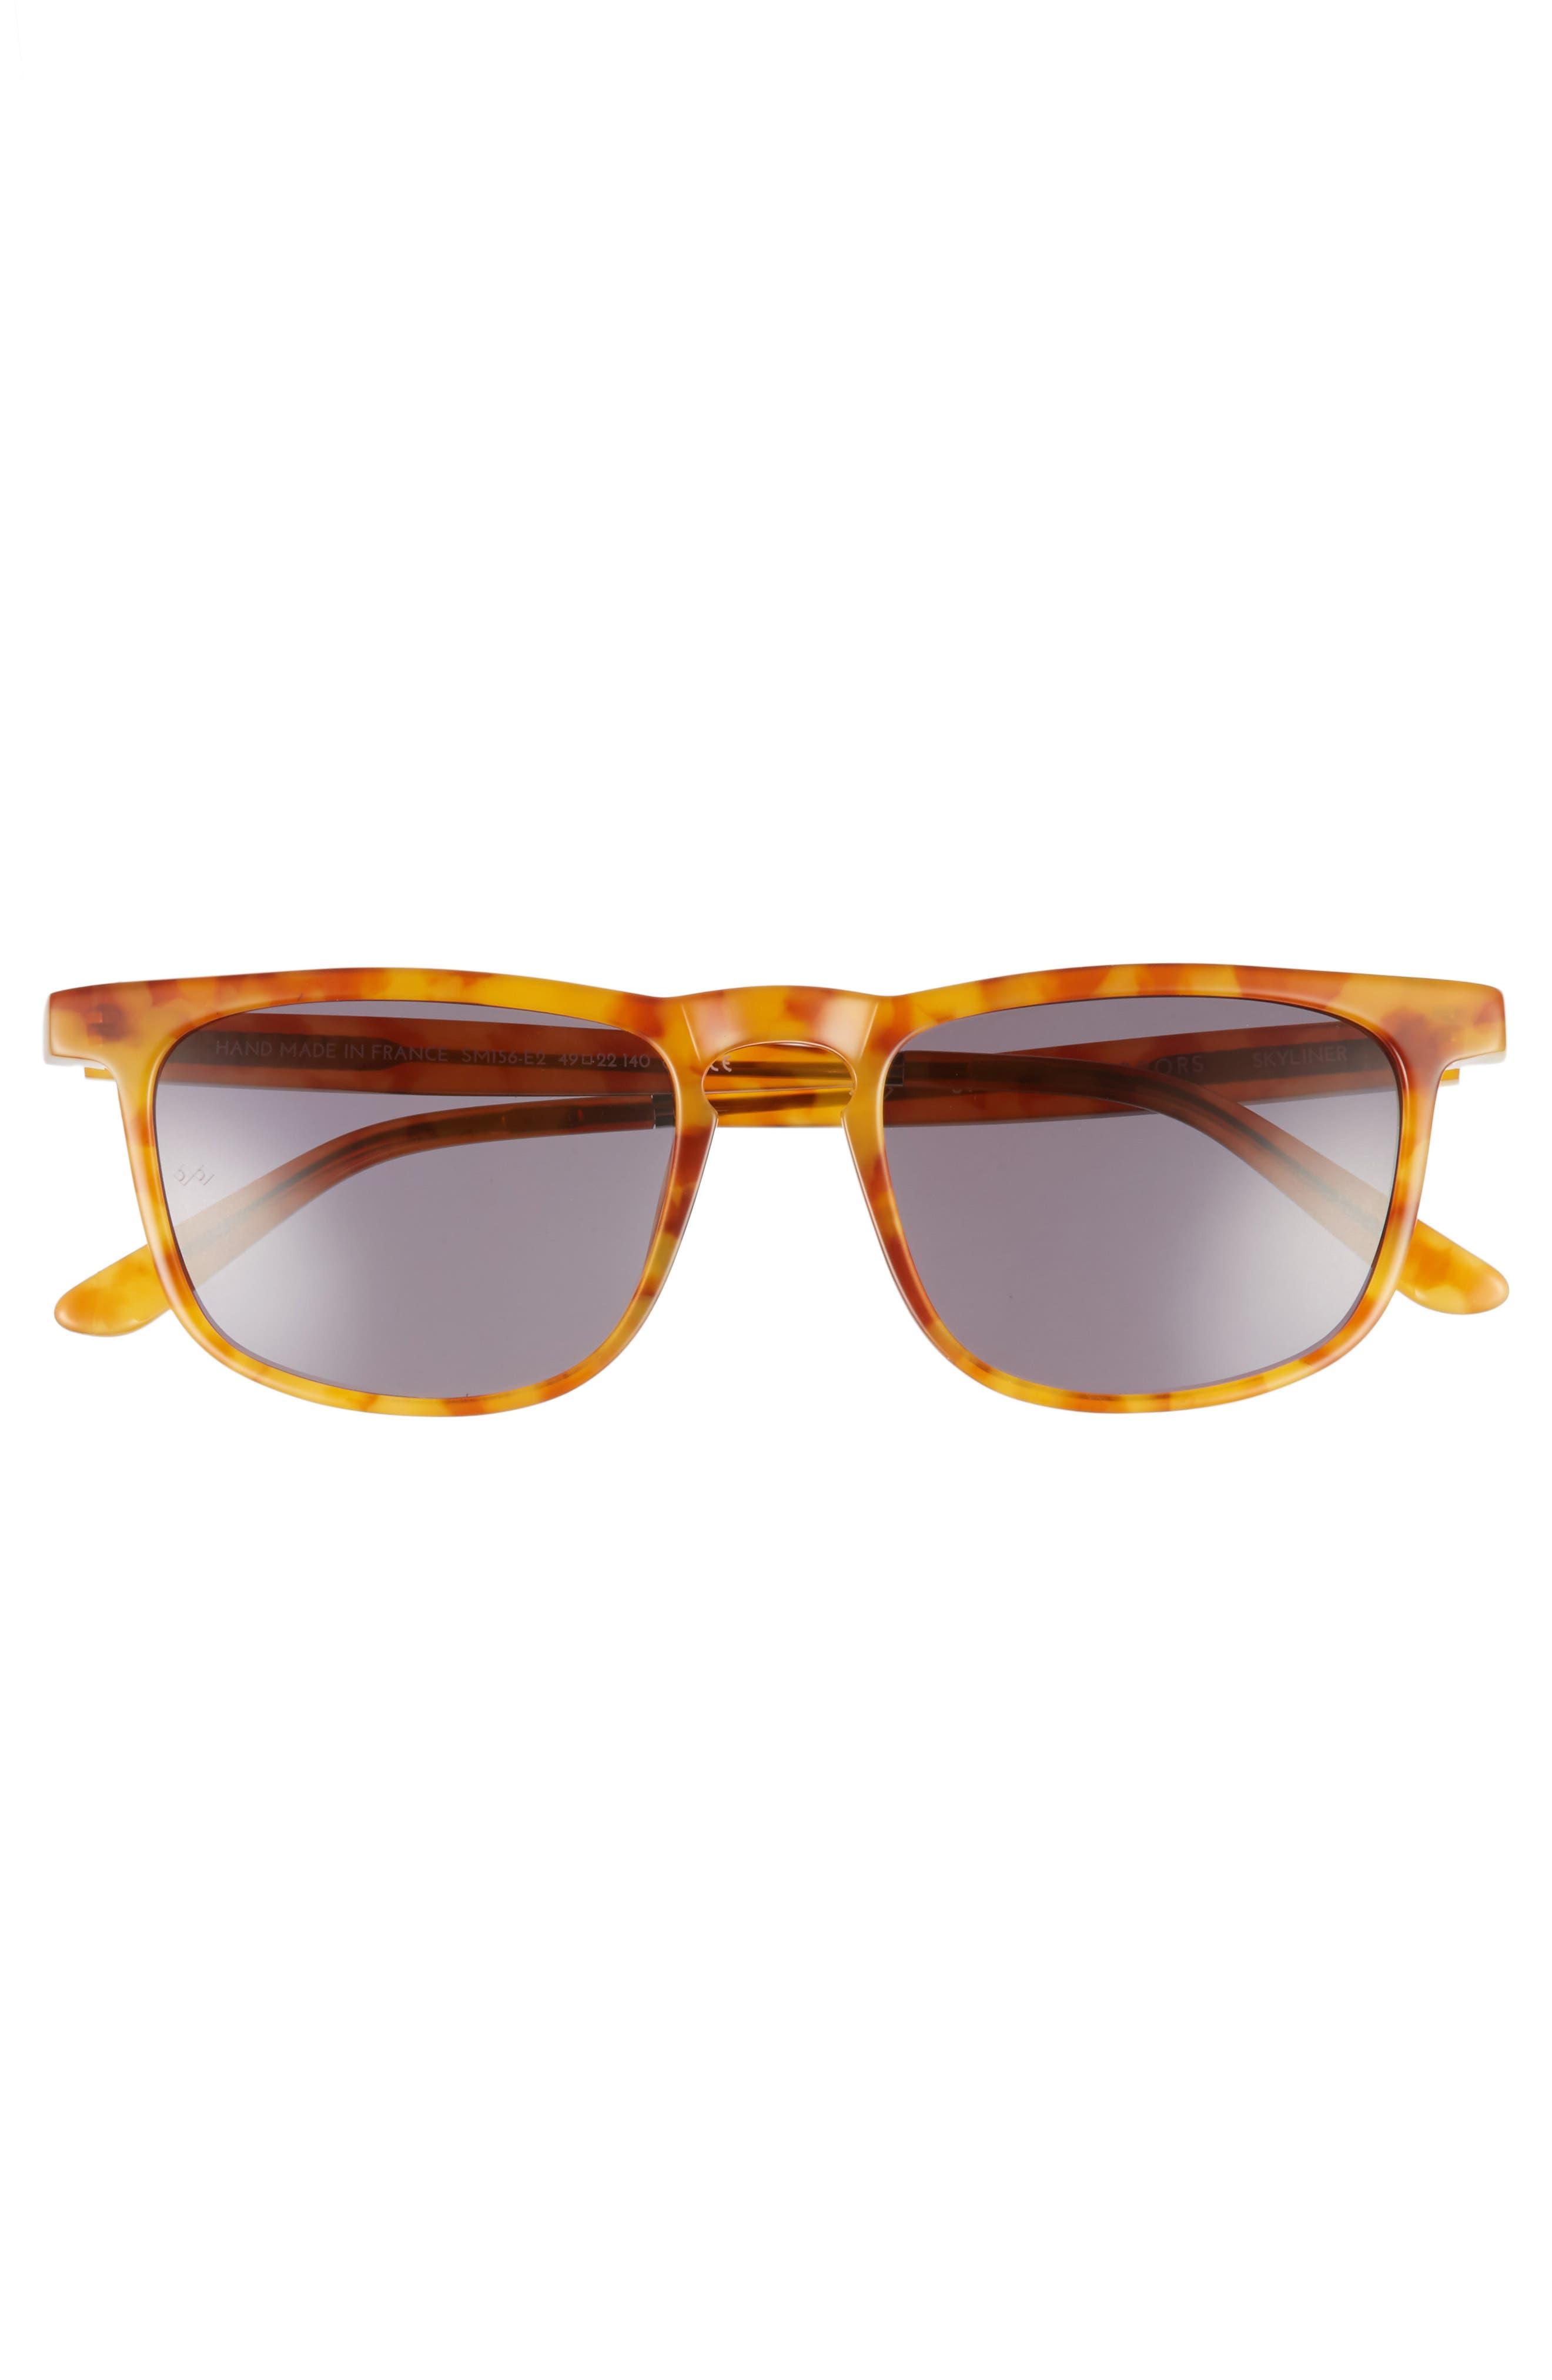 Skyliner 49mm Sunglasses,                             Alternate thumbnail 2, color,                             Ginger Tortoise/ Green